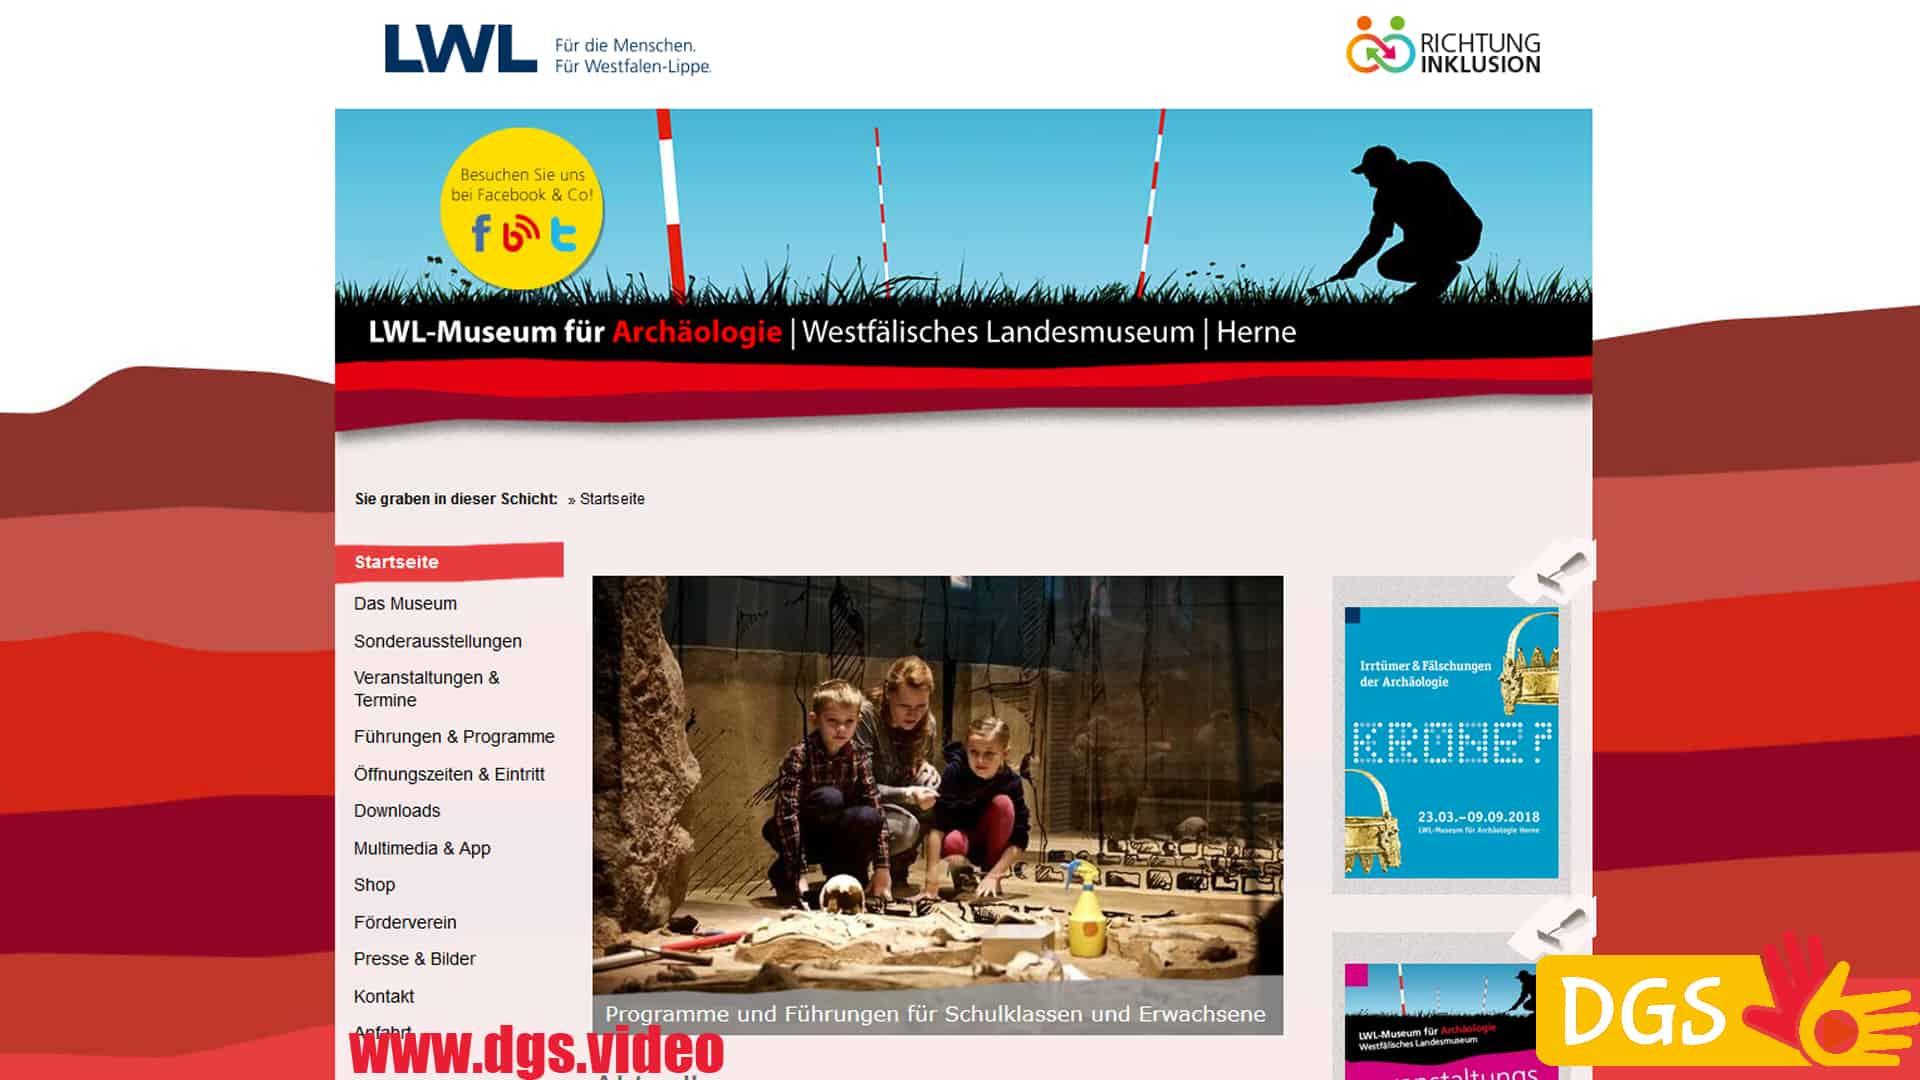 lwl museum für archaelogie